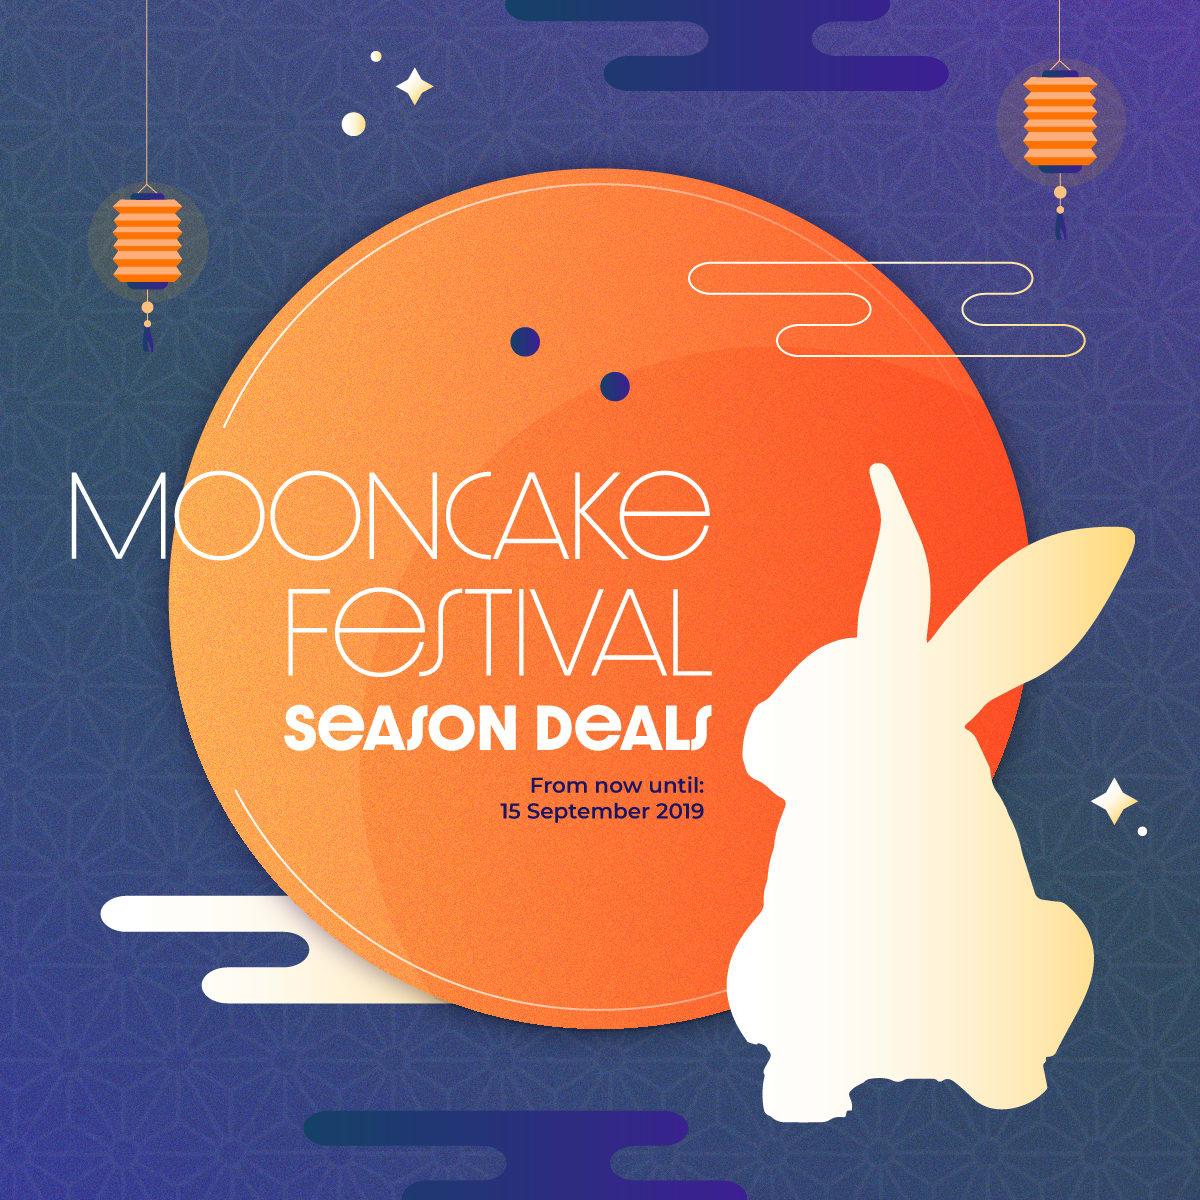 unique-mooncake-promo